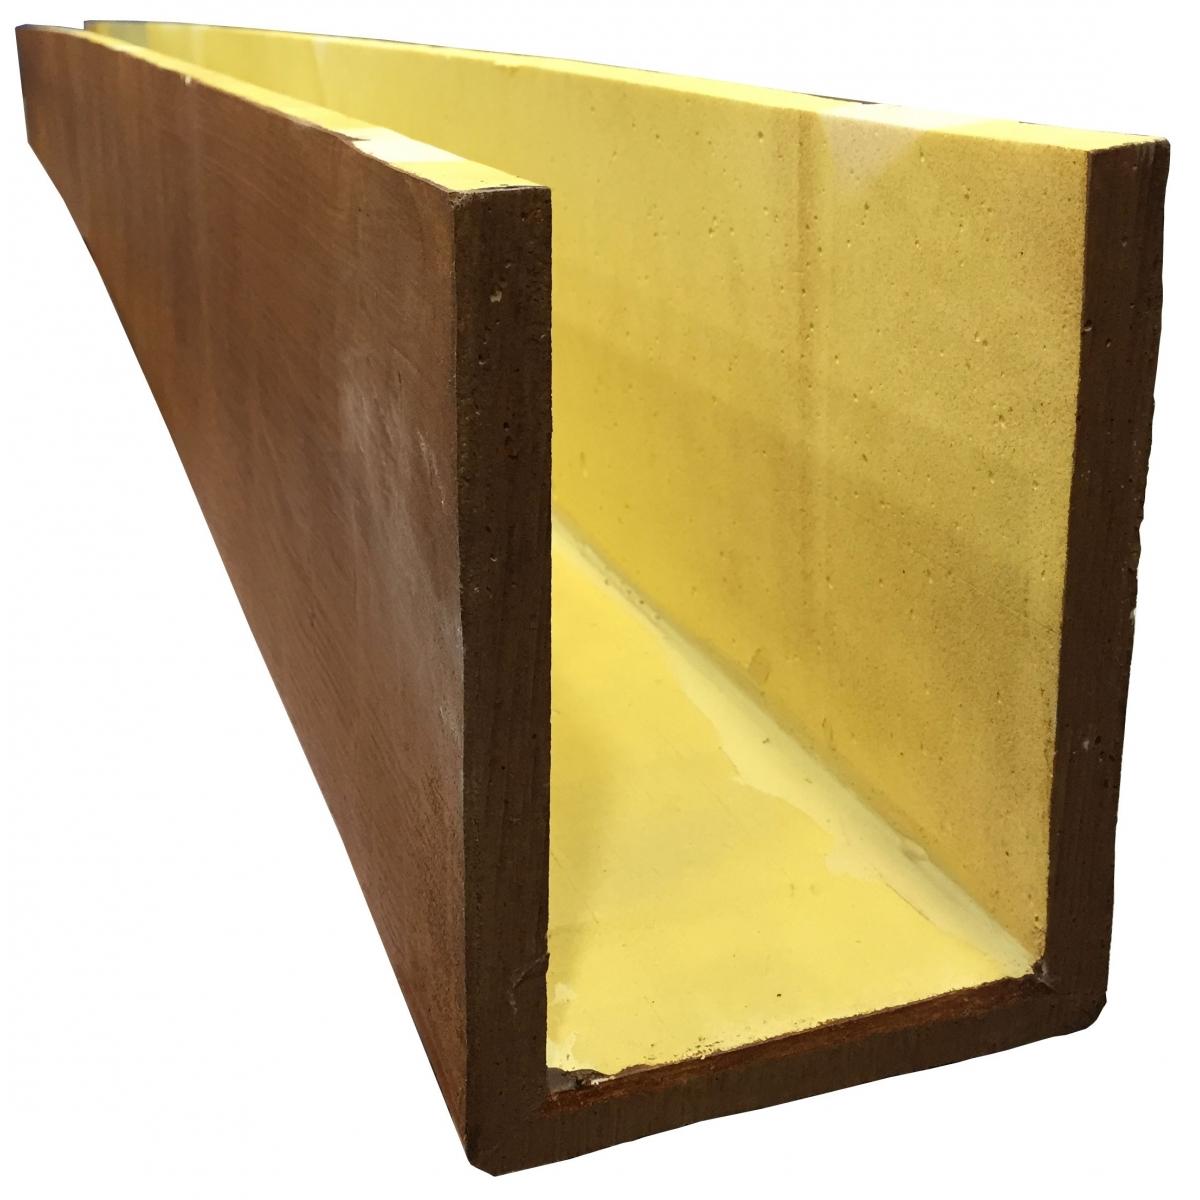 Viga imitación a madera 400x59x60